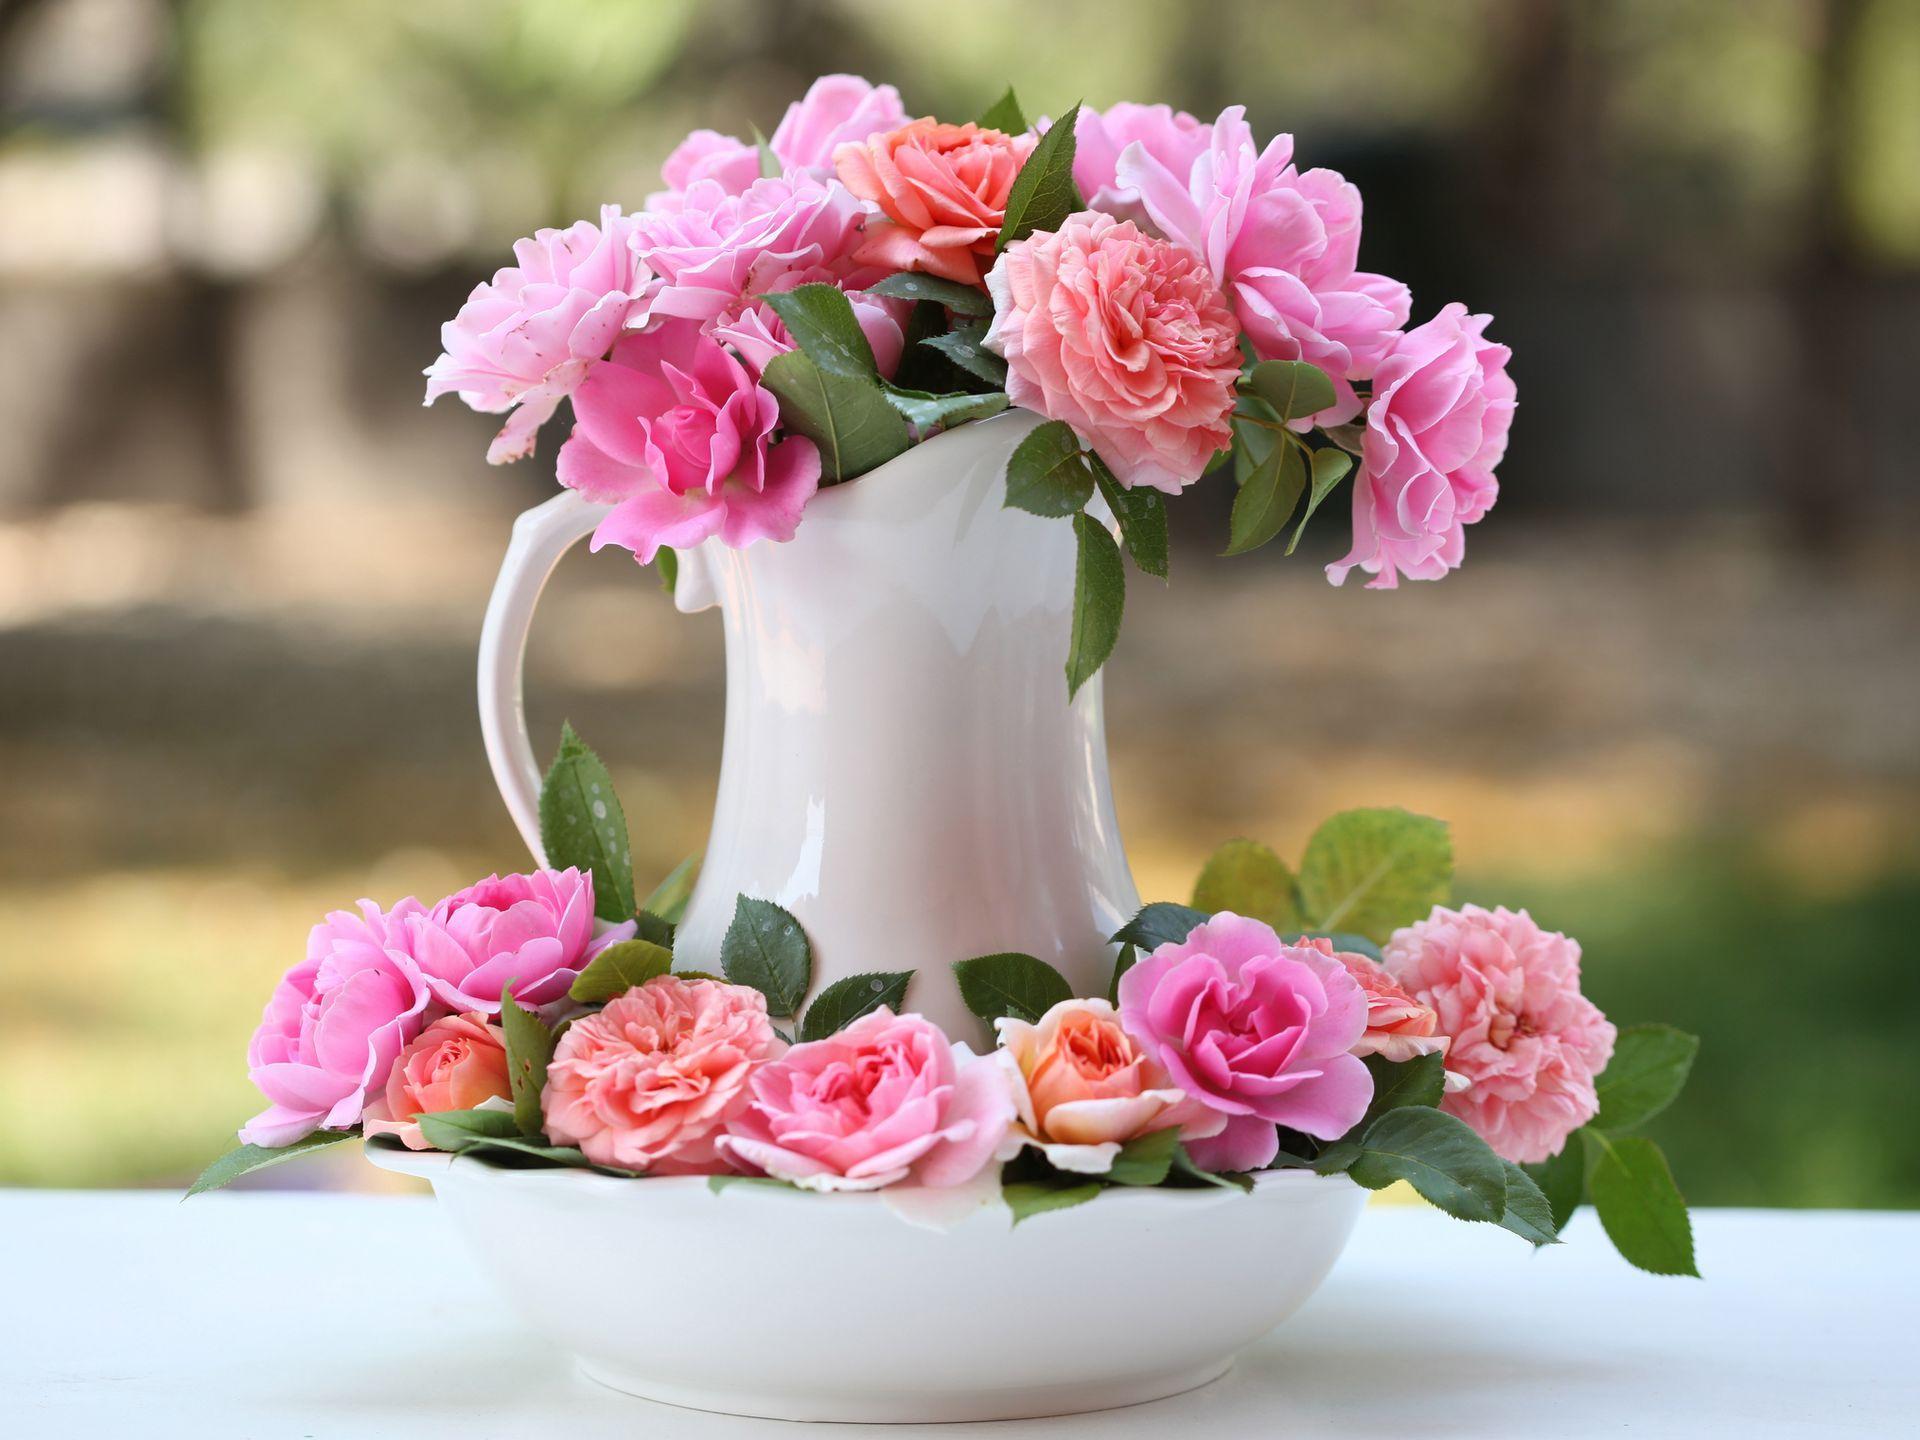 розы цветы ваза  № 1332588 загрузить